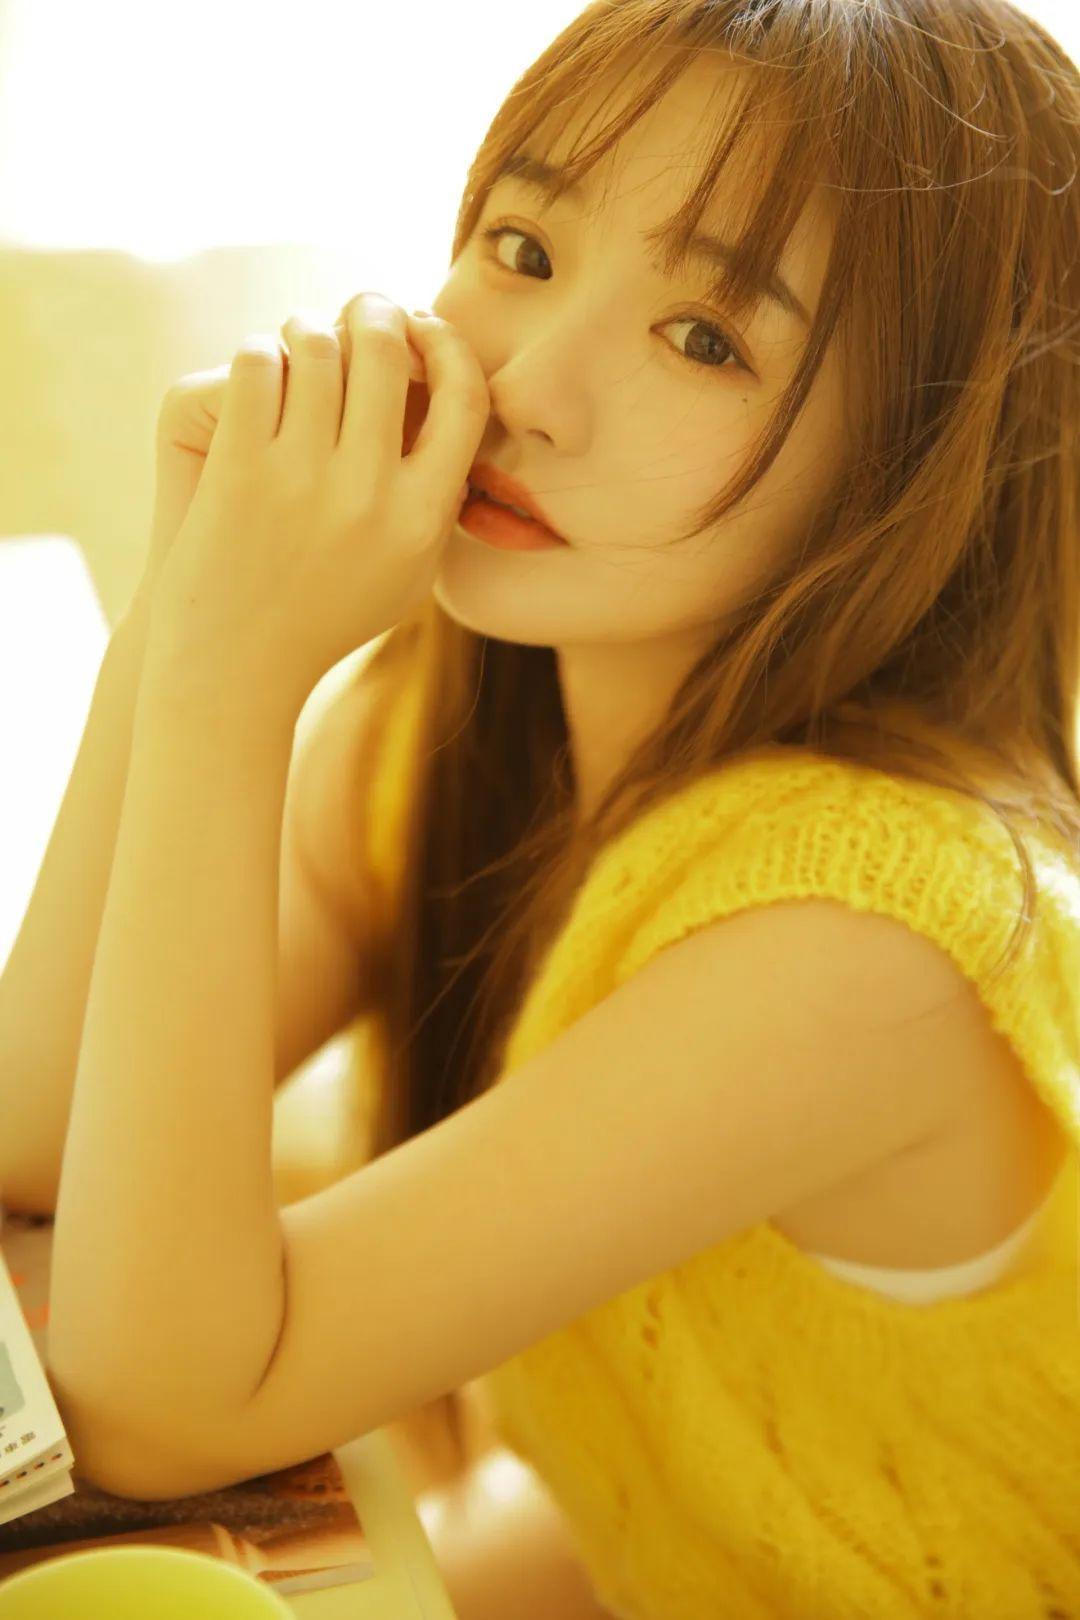 妹子摄影 – 淡黄的毛衣,修长的玉腿,治愈系美少女_图片 No.8